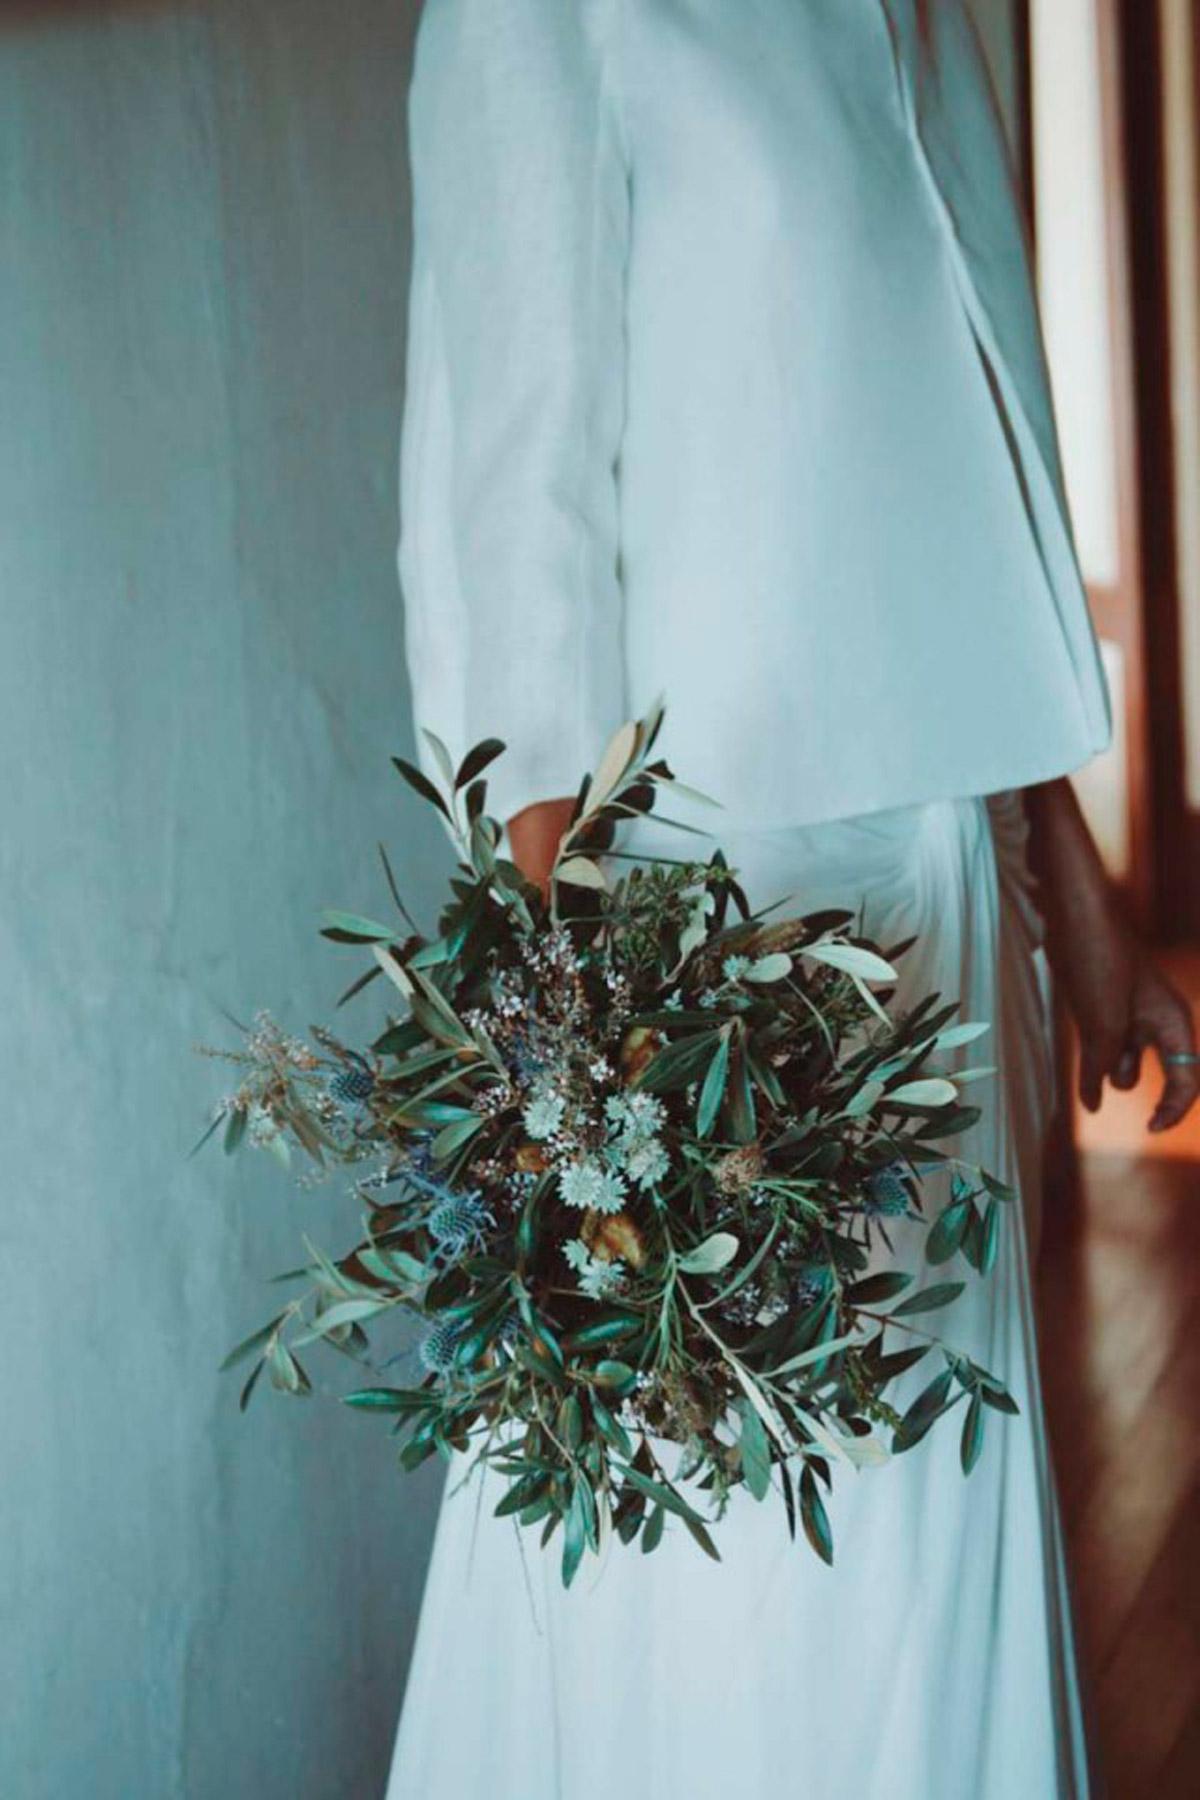 Boda-con-decoracion-olivo-17